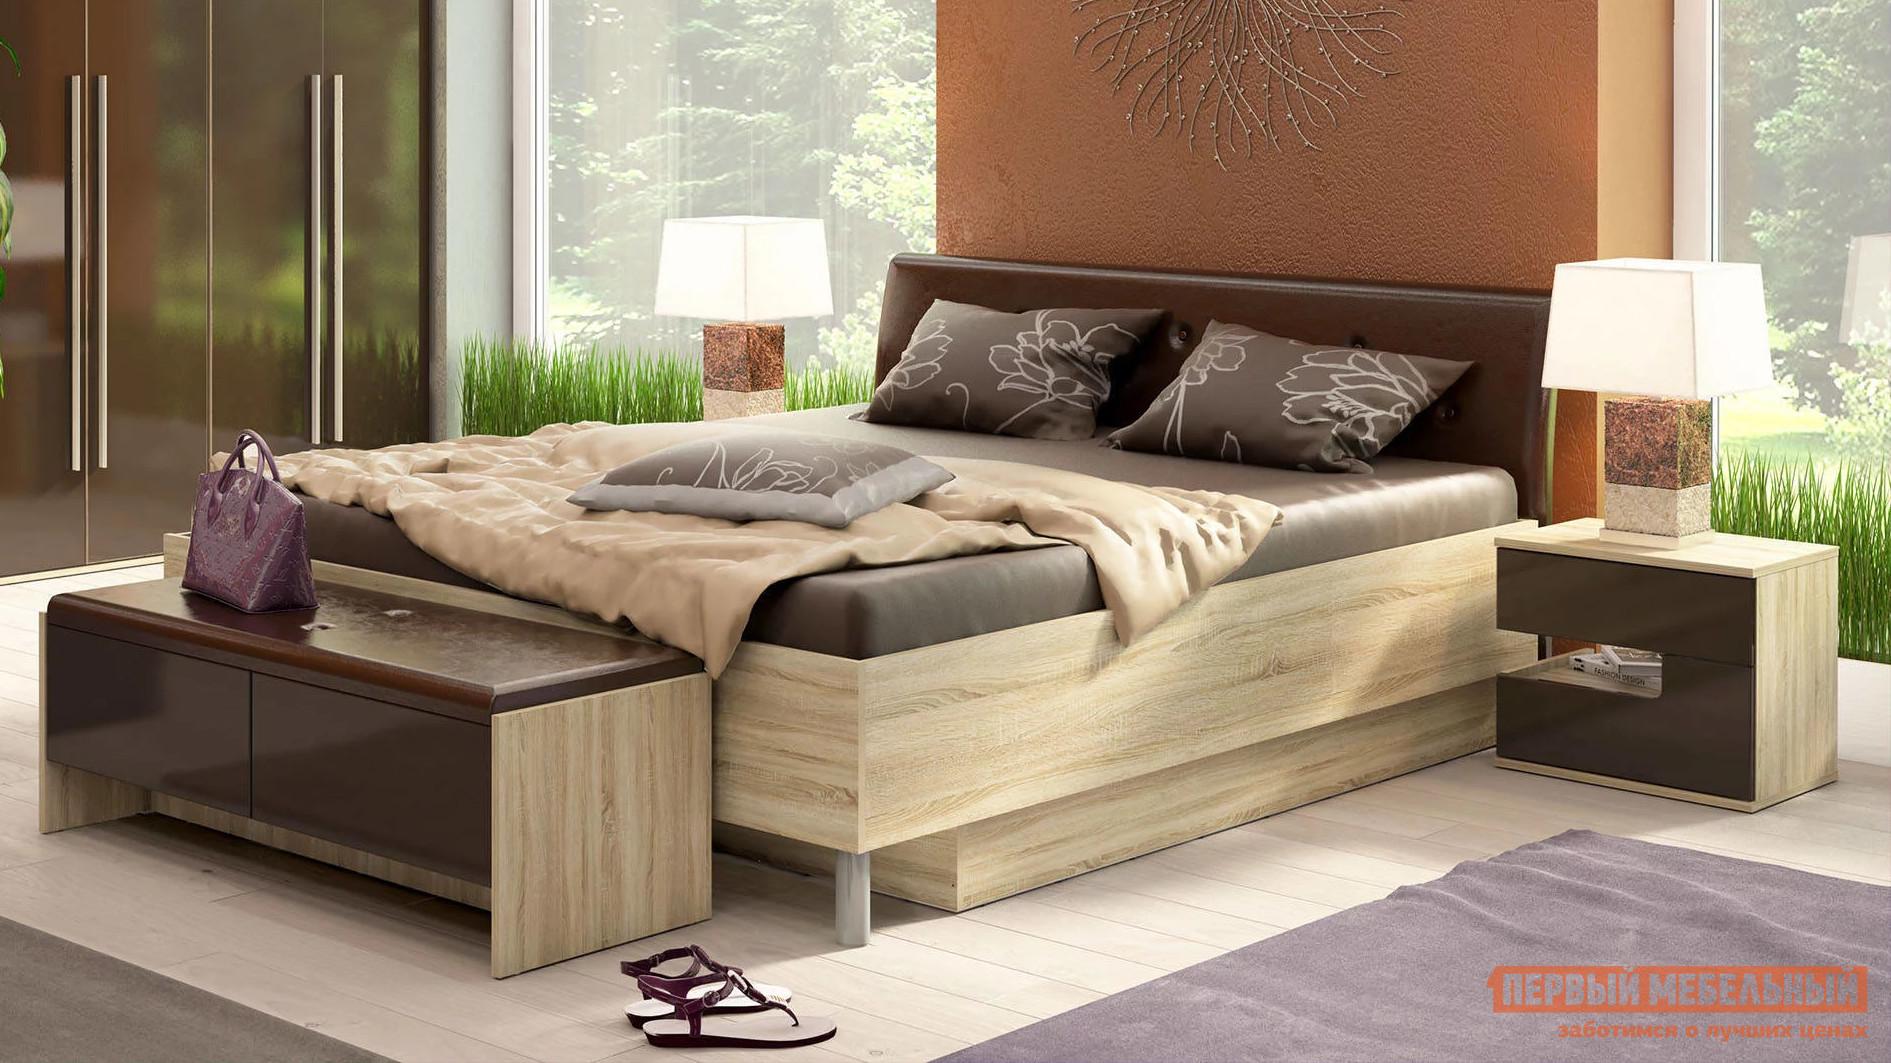 Двуспальная кровать СтолЛайн СТЛ.143.06+СТЛ.143.07 двуспальная кровать столлайн стл 187 04 187 07